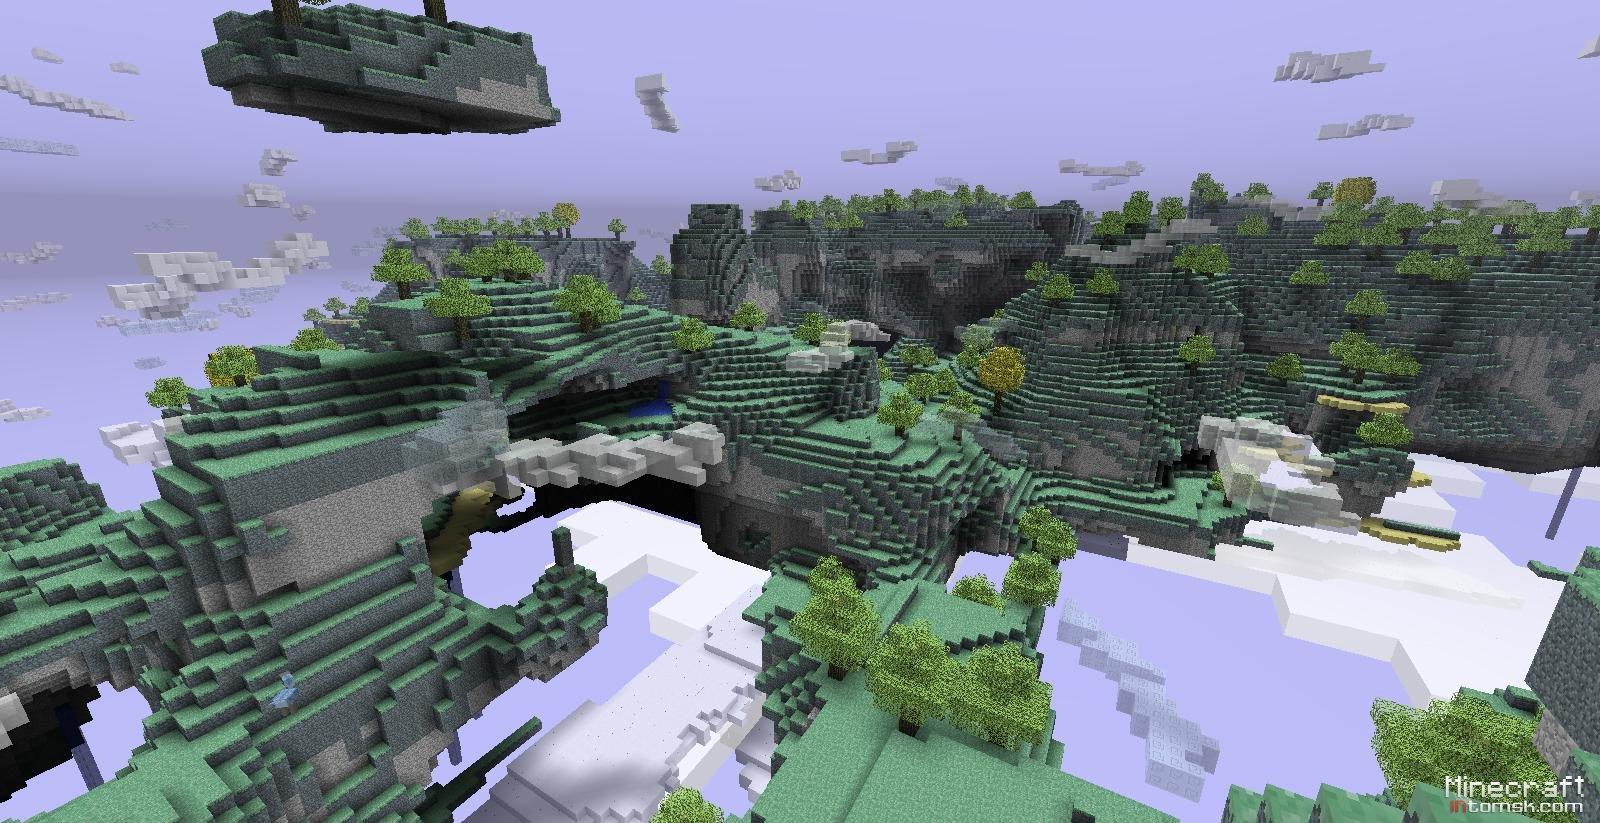 Minecraft mods 1.7.2 aether 2